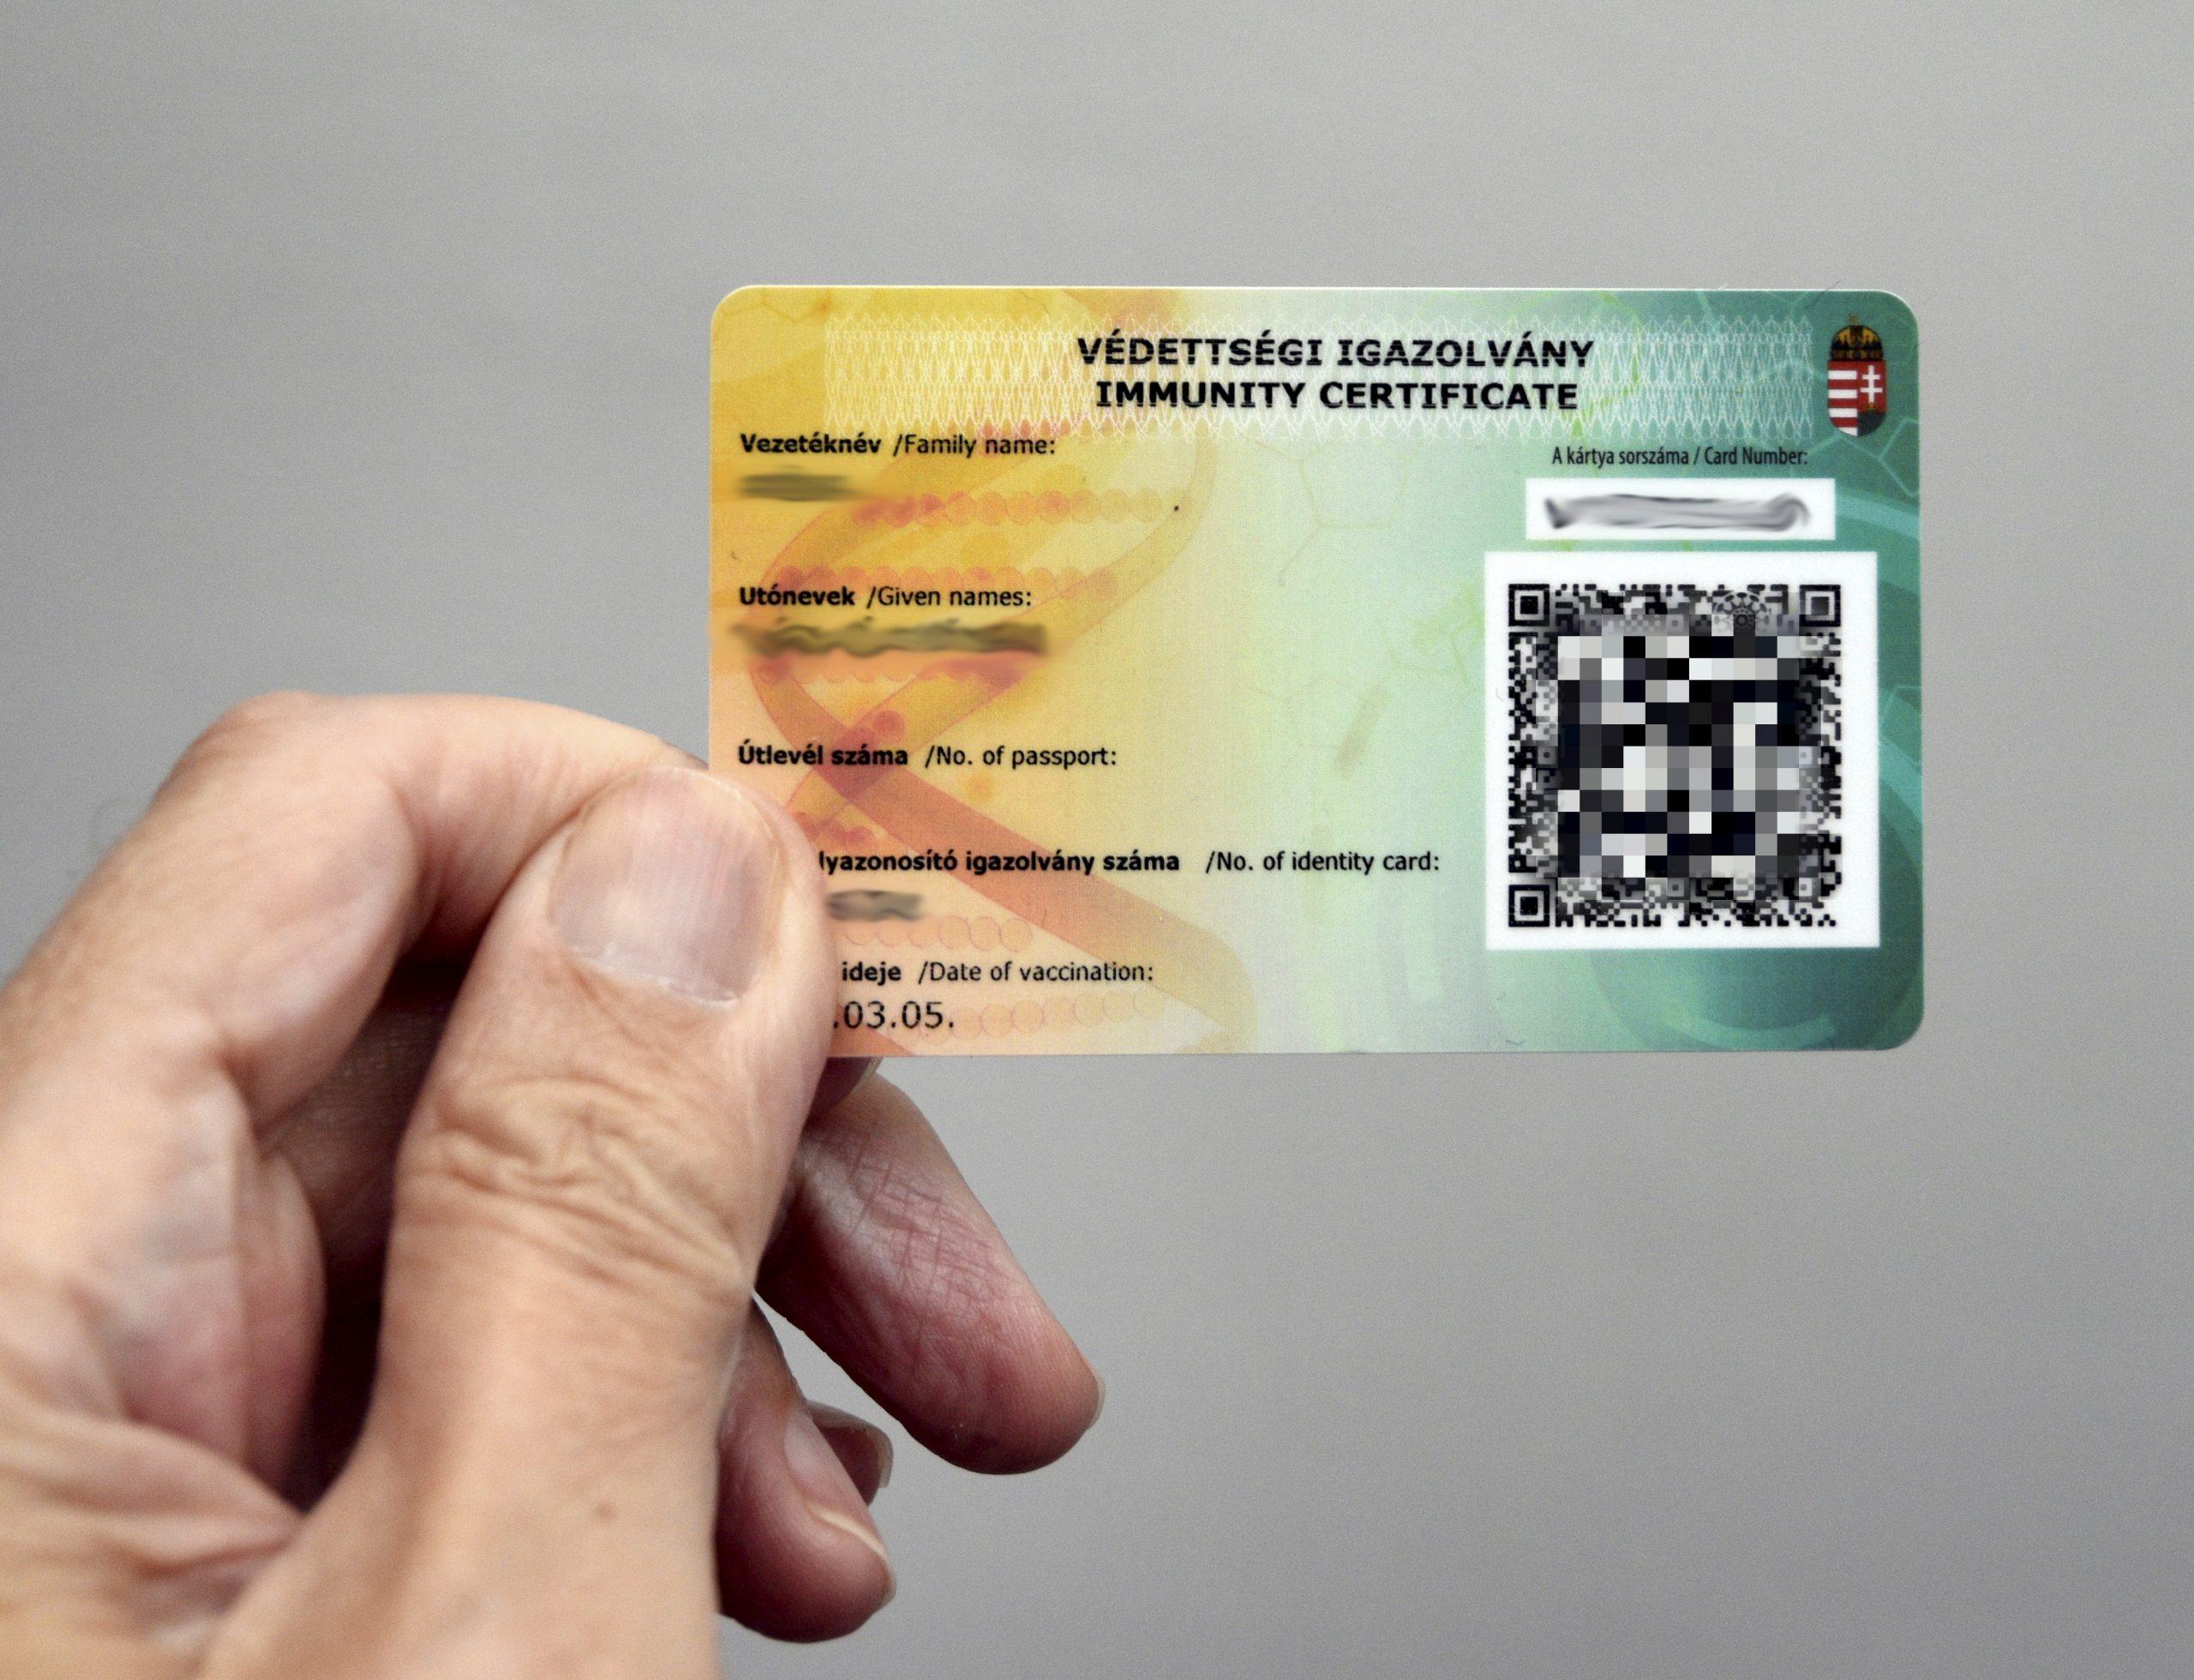 Kein Anspruch auf ungarische COVID-Schutzkarte für im Ausland geimpfte Personen